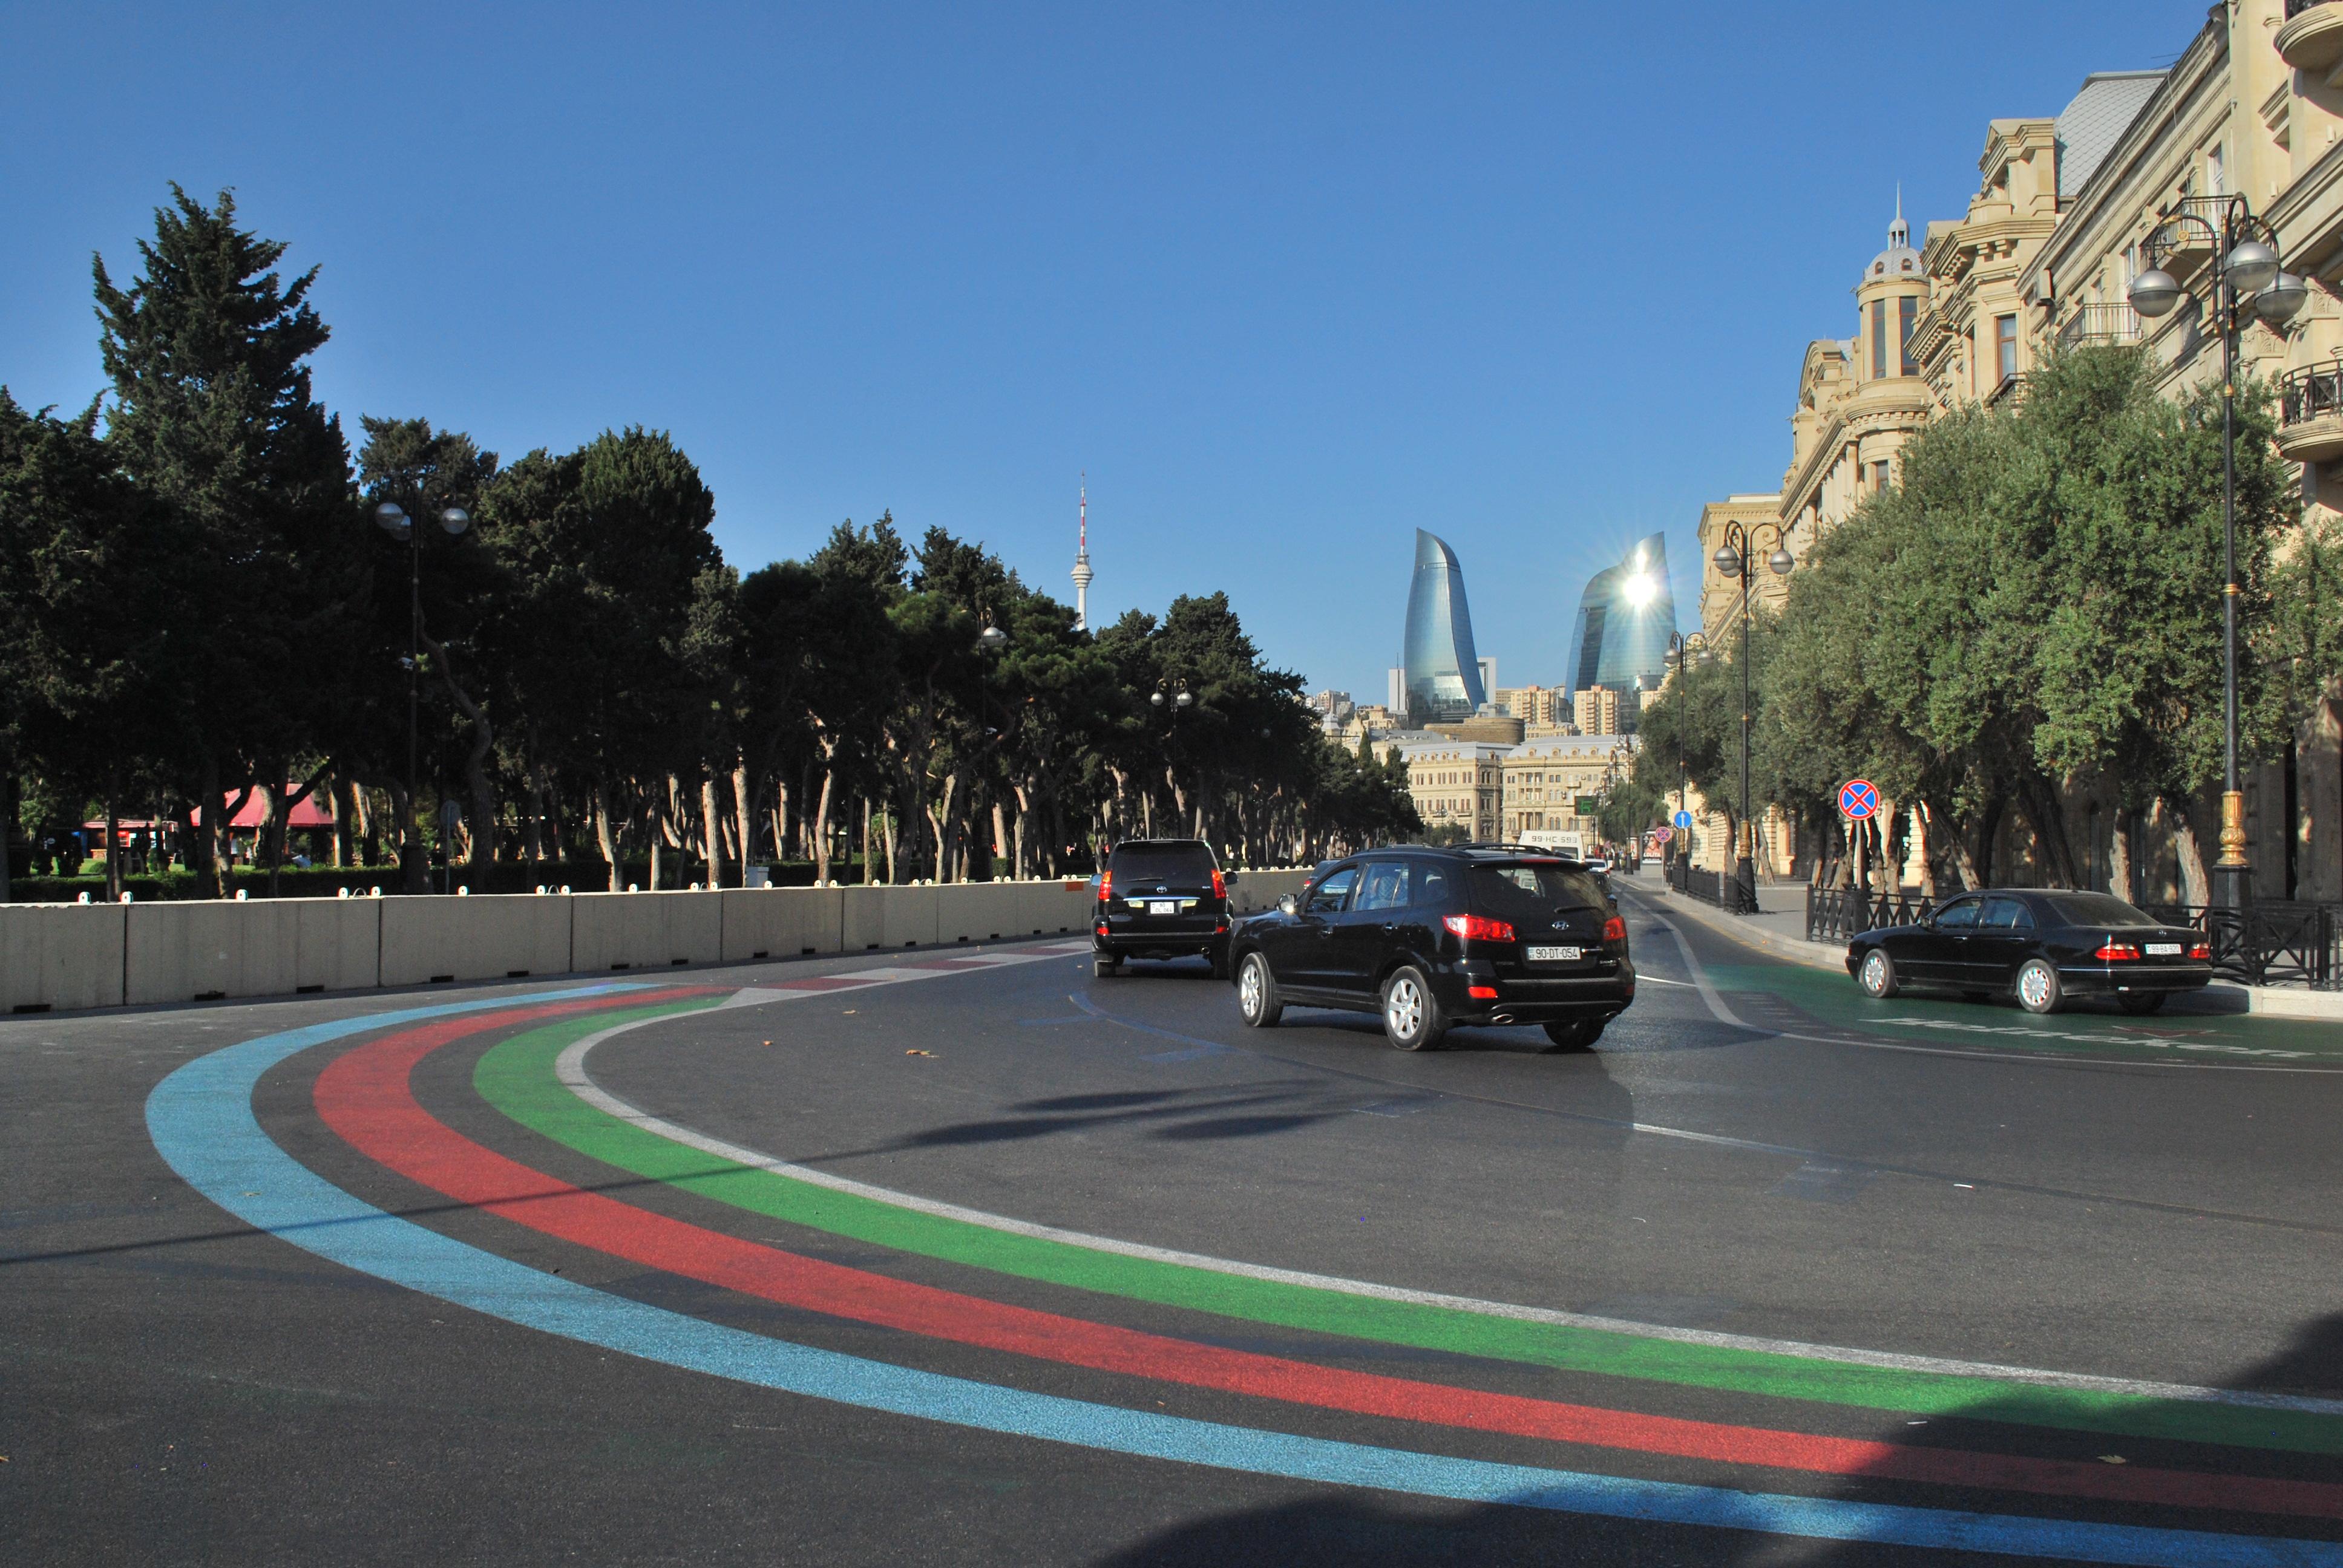 Iszonyatosan hosszú és széles utak vannak Bakuban. Ez tökéletesen alkalmassá teszi, hogy forma-1es nagydíjat rendezzenek itt, de ha gyalogosként át akarsz kelni az út másik felére, akkor kilométereket kell gyalogolnod, mire találsz egy zebrát. Vagy átrohansz, de a forgalom tényleg nagy, szóval várhatsz a jó pillanatra...